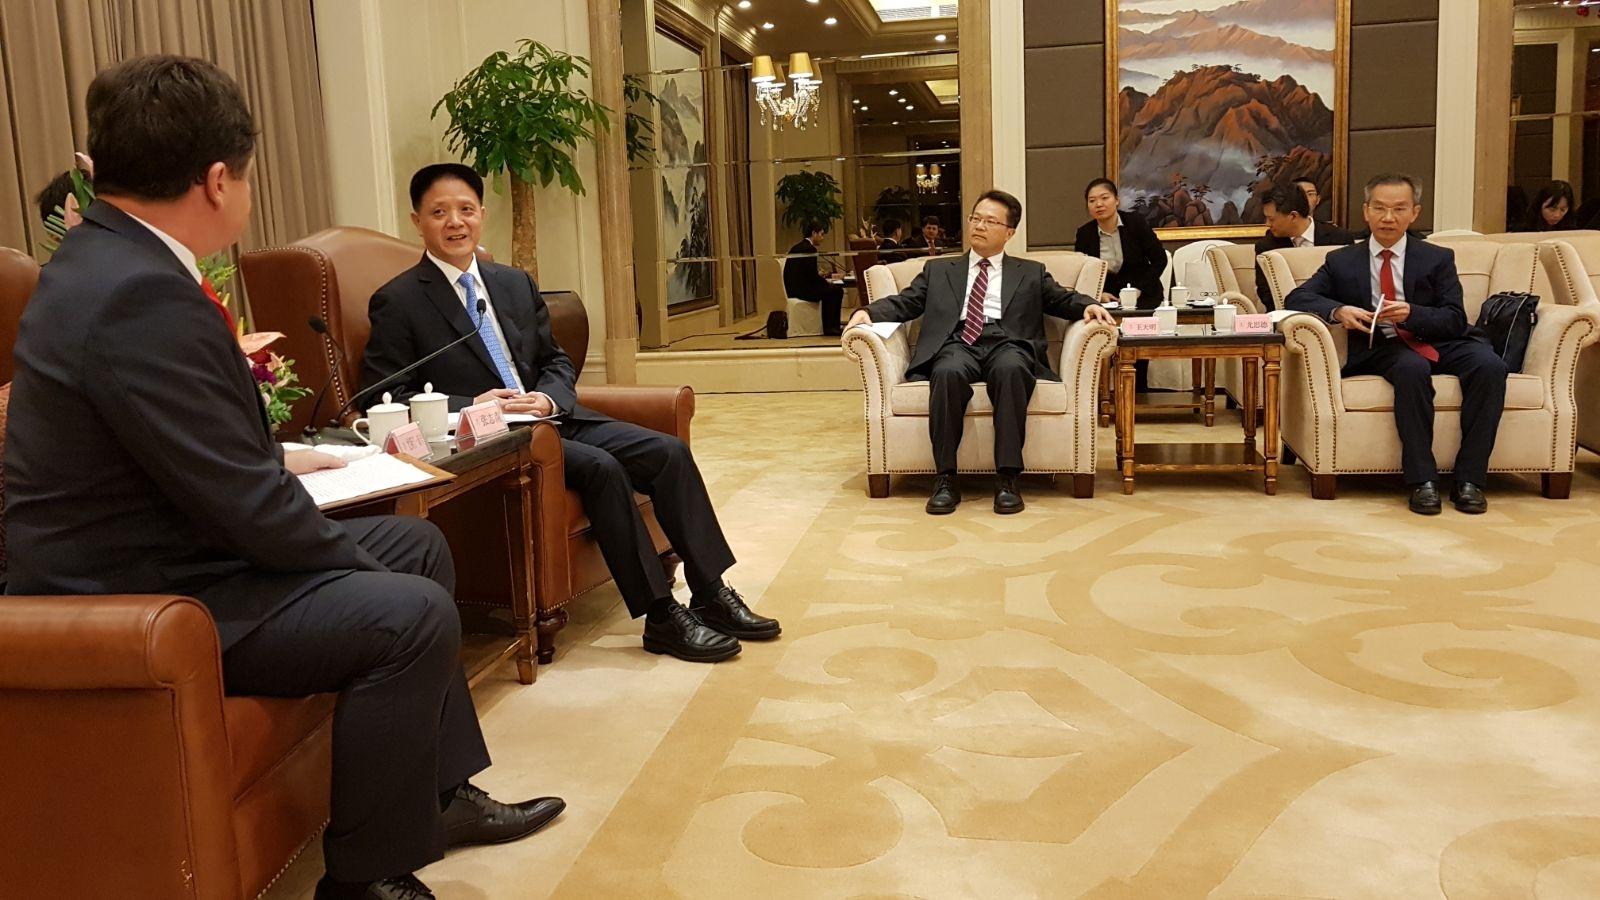 Aeroportul, spitalul şi investiţiile, pe agenda discuţiilor din China a lui Iustin Cionca, preşedintele Consiliului Judeţean Arad!